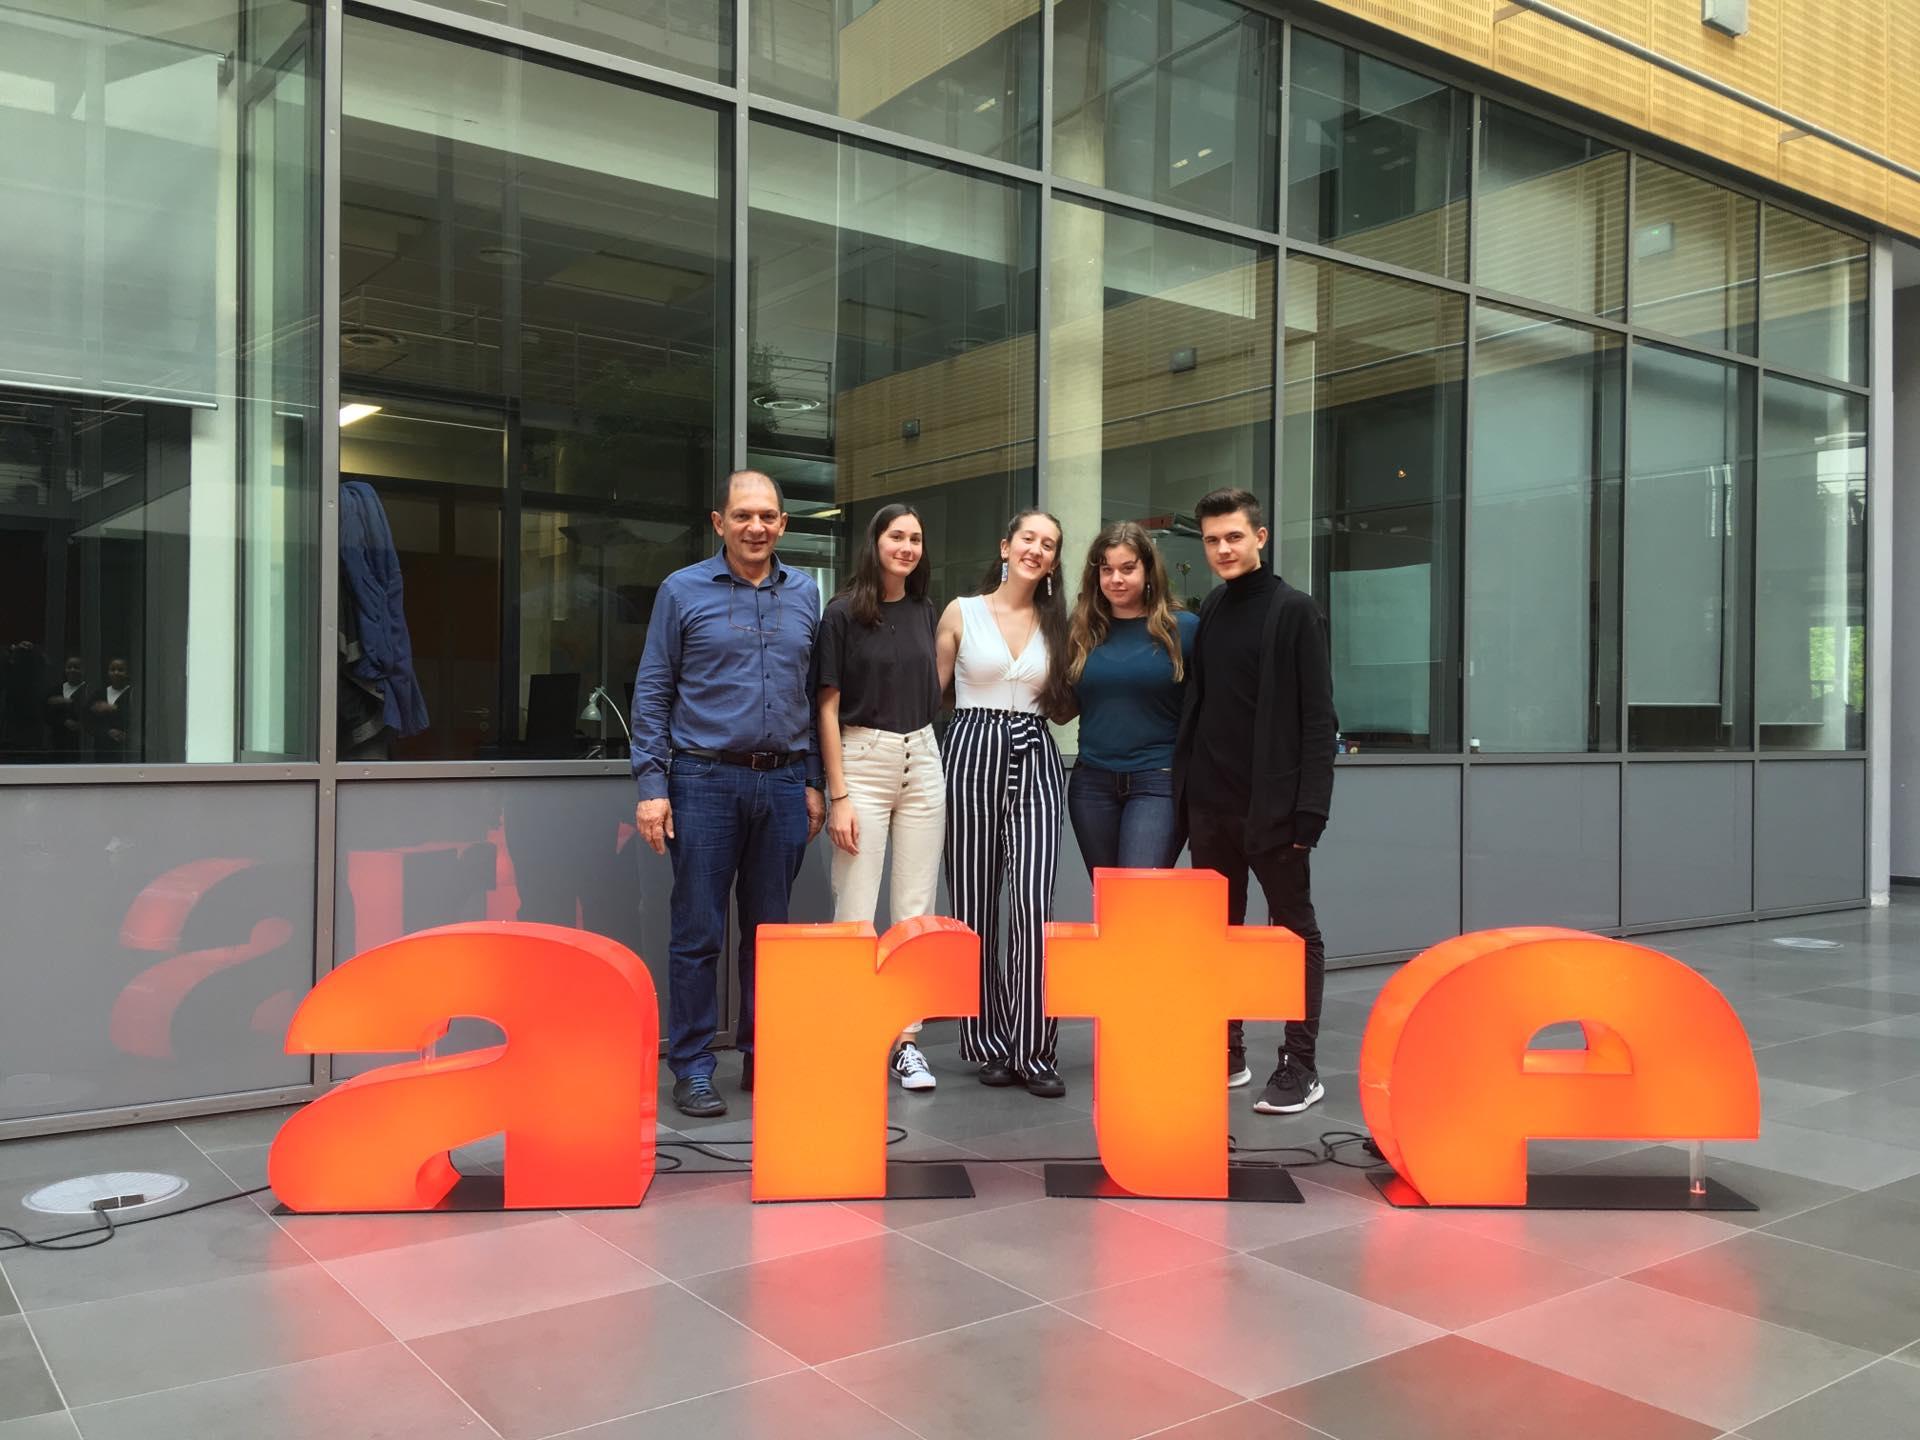 L'équipe vidéo du LFHED remporte le 3e prix au Concours Arte-Clemi-0